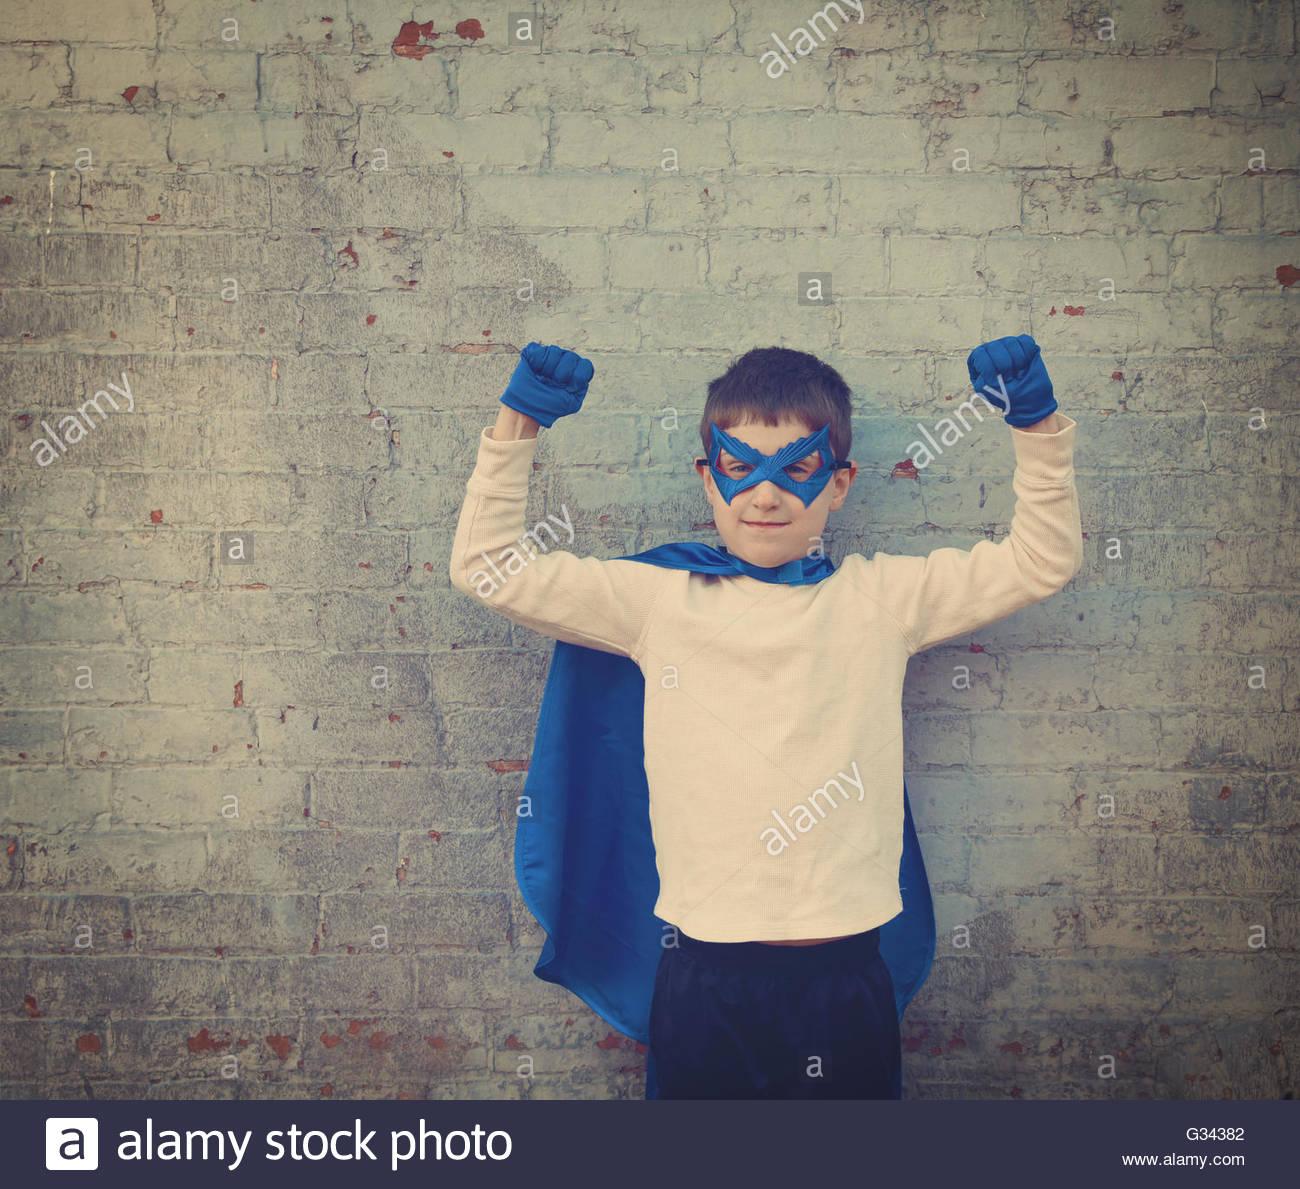 Una foto de un niño vestido vintage como un super héroe con sus brazos fuertes para una confianza, valentía Imagen De Stock